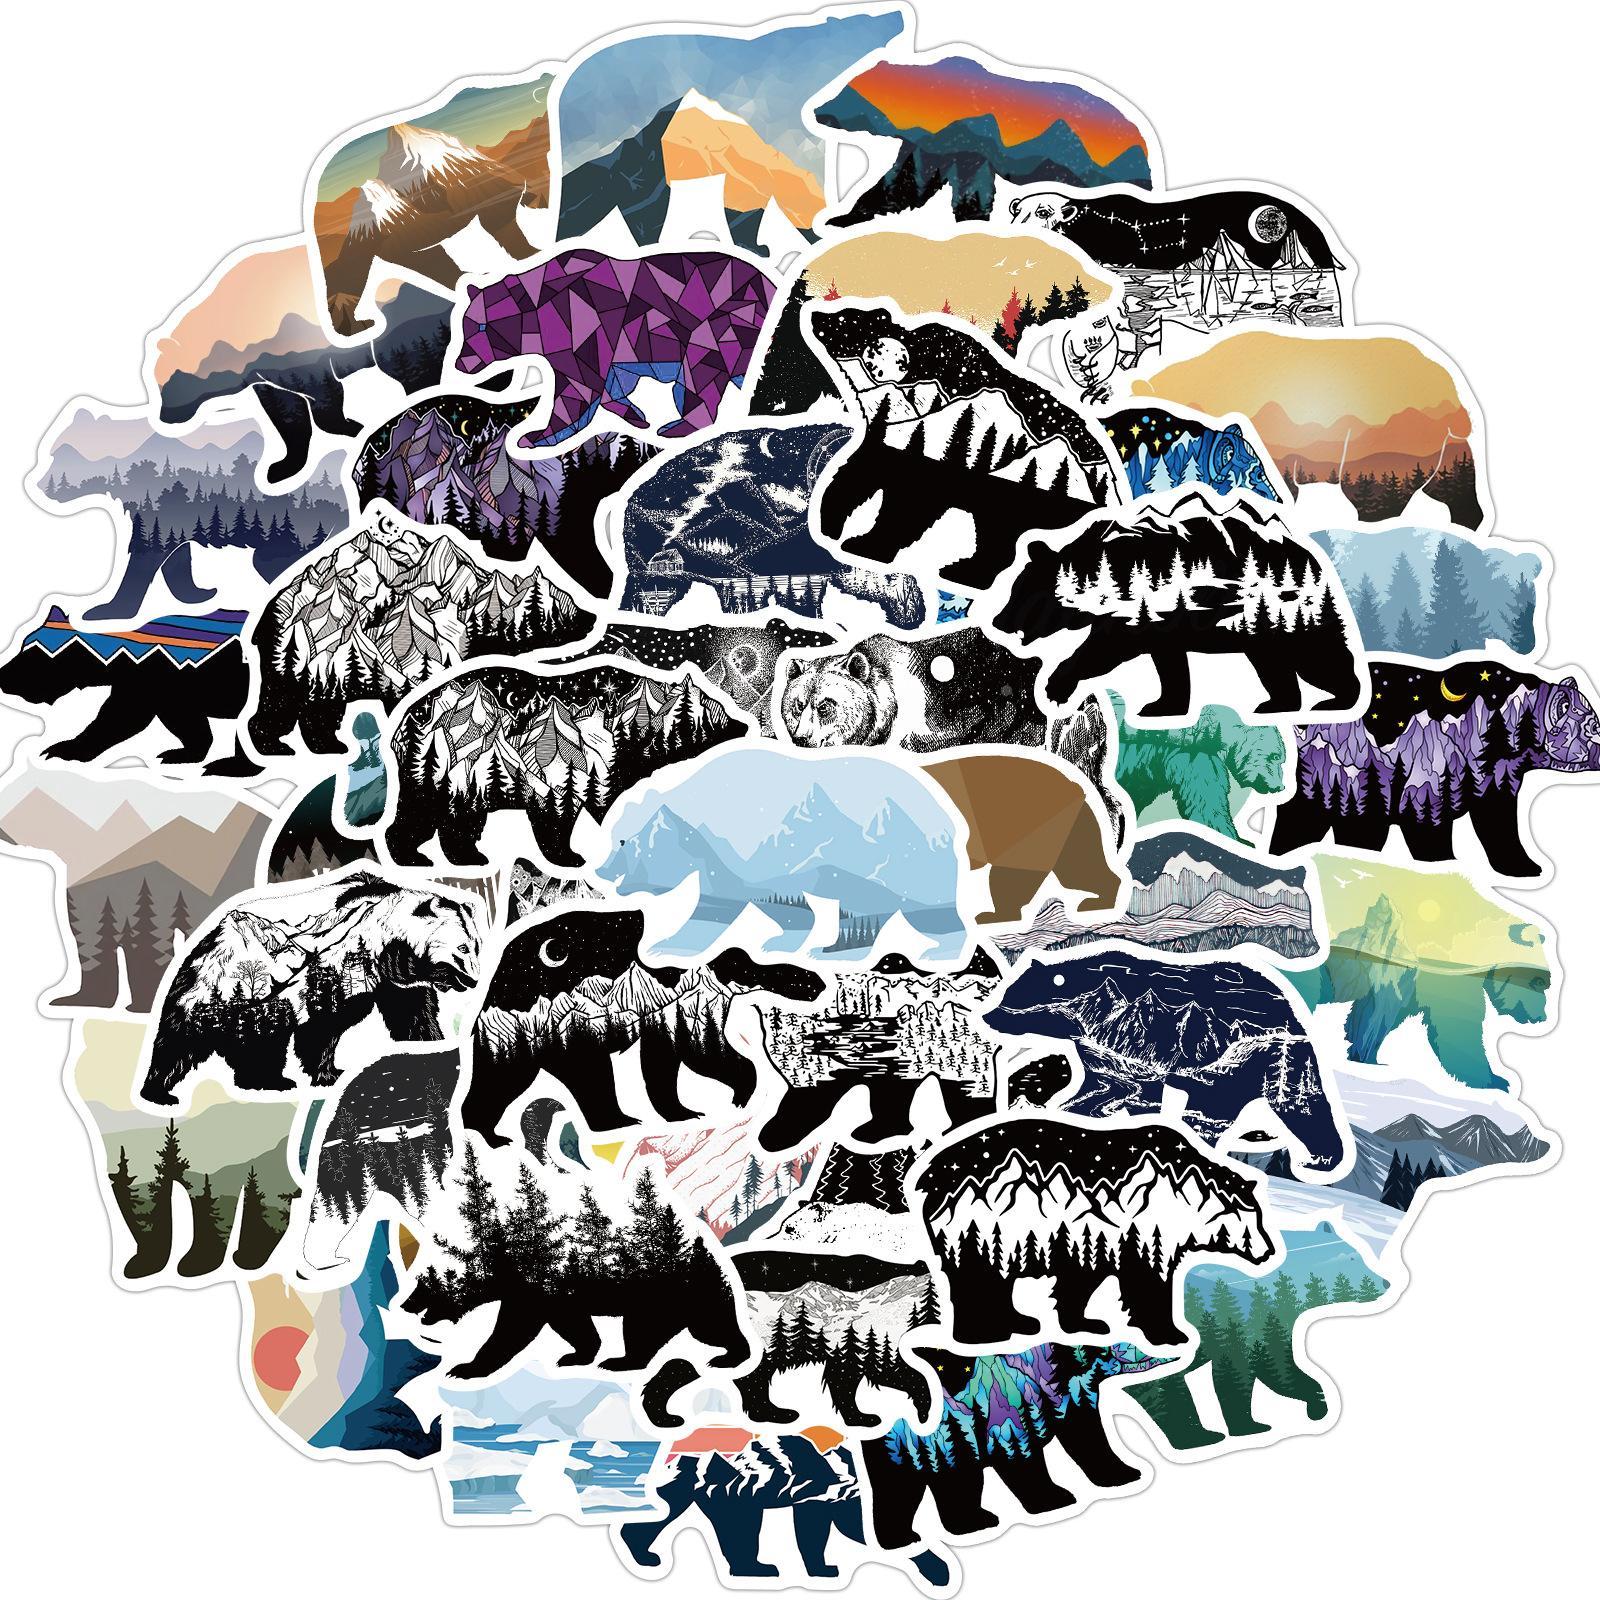 50 unids montaña y oso animales pegatinas sin aleatorias bicicleta de equipaje pegatina portátil monopatín motor botella de agua snowboard wall decale regalos para niños